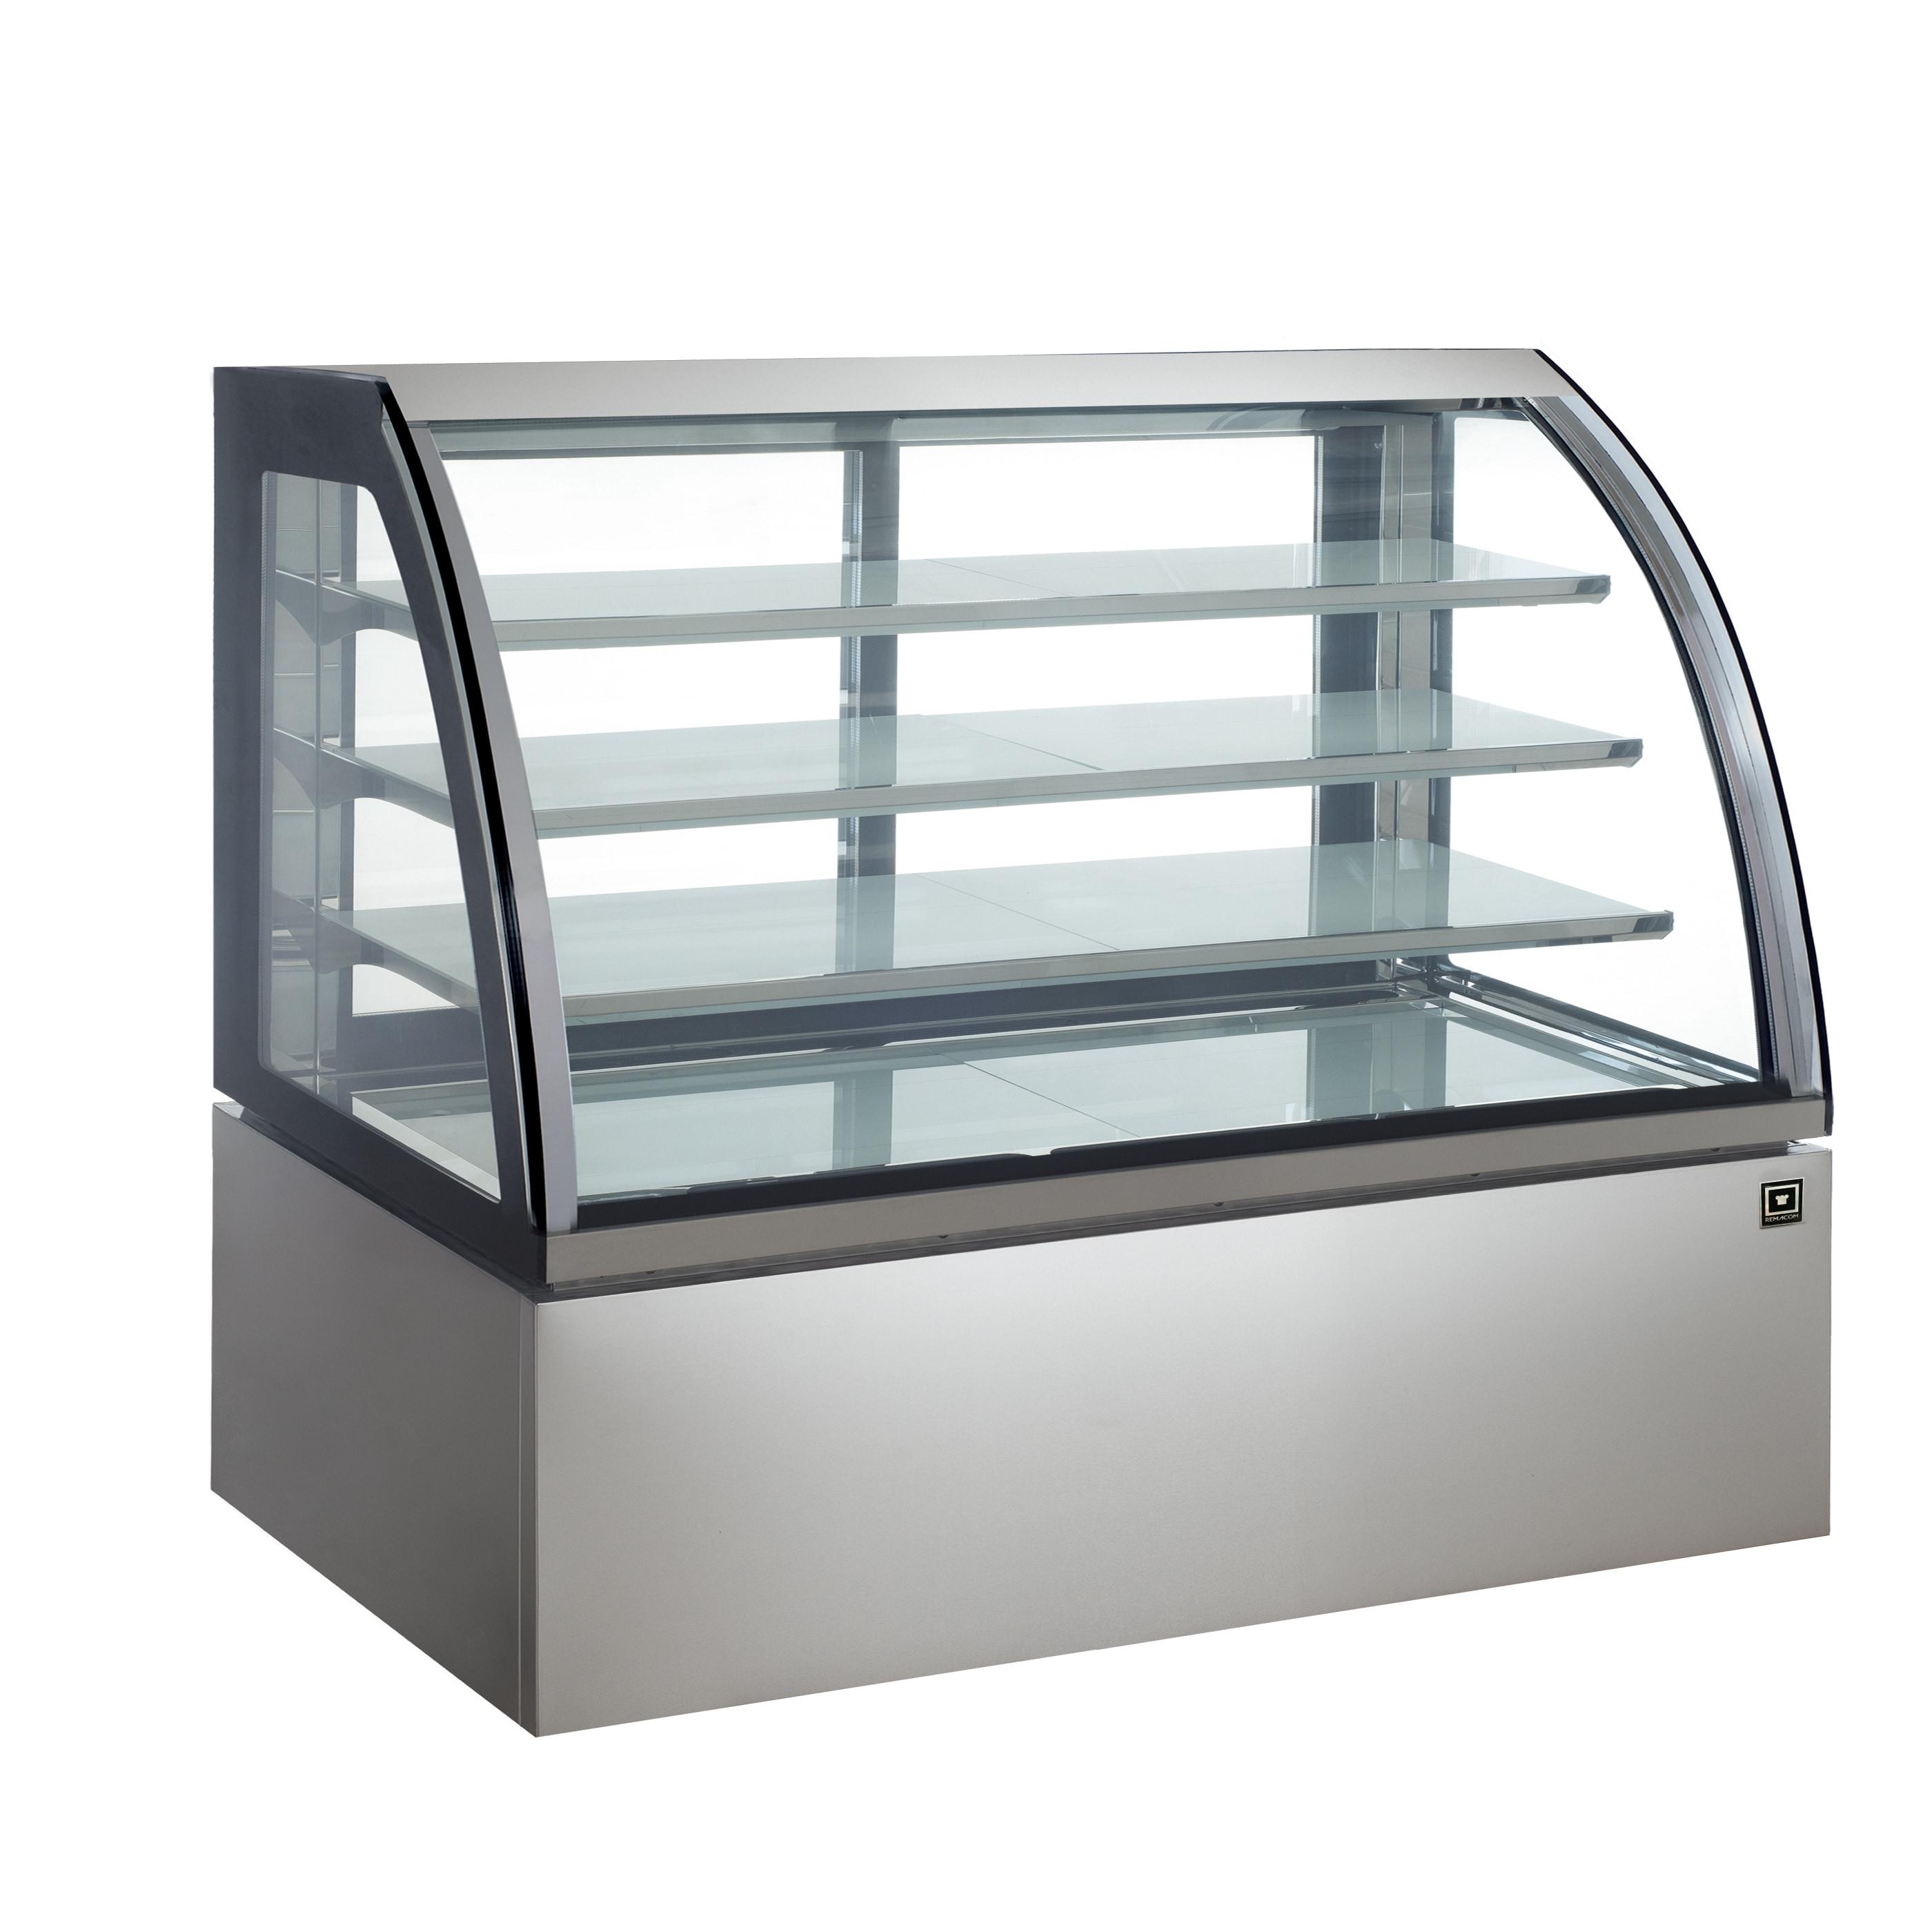 対面冷蔵ショーケース LED仕様 4段(中棚3段)幅1500mmタイプ RCS-K150S3L